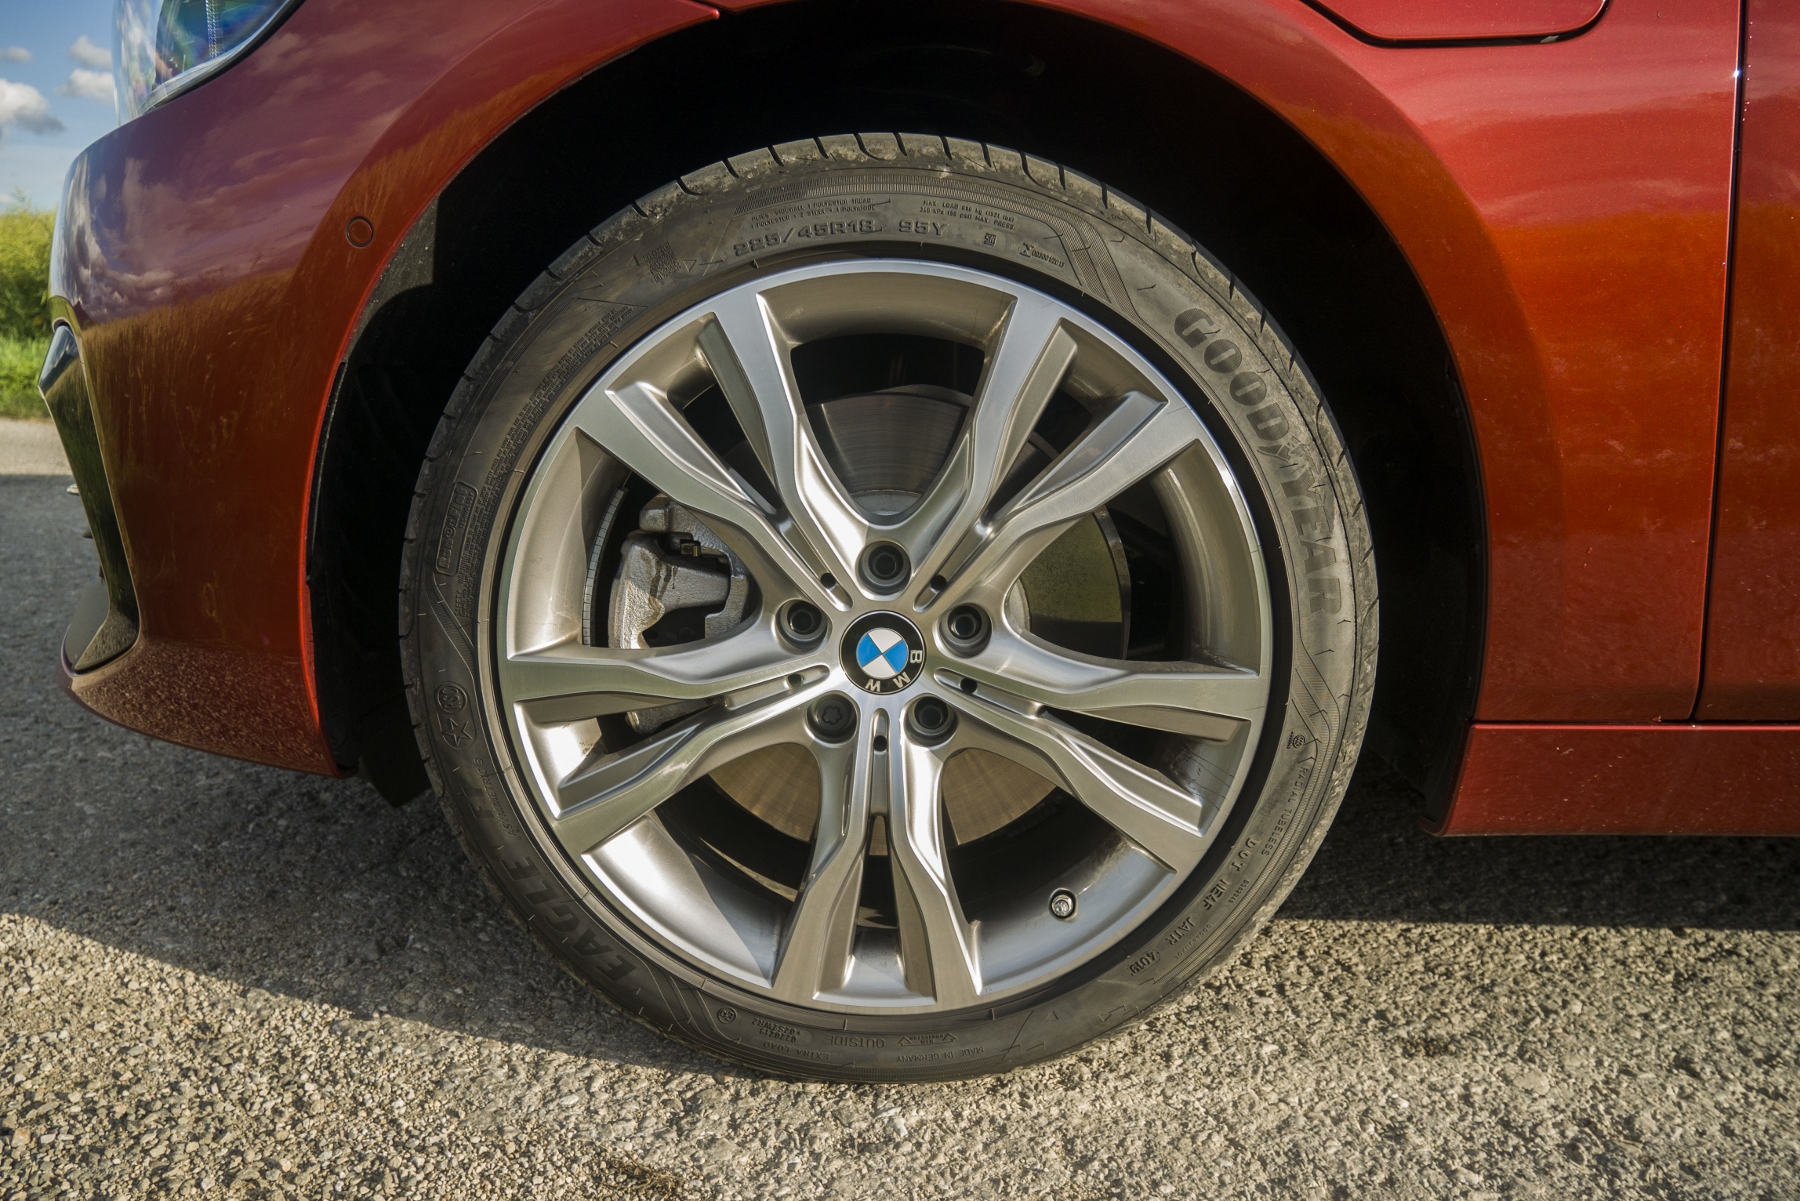 BMW 225 xe (9)